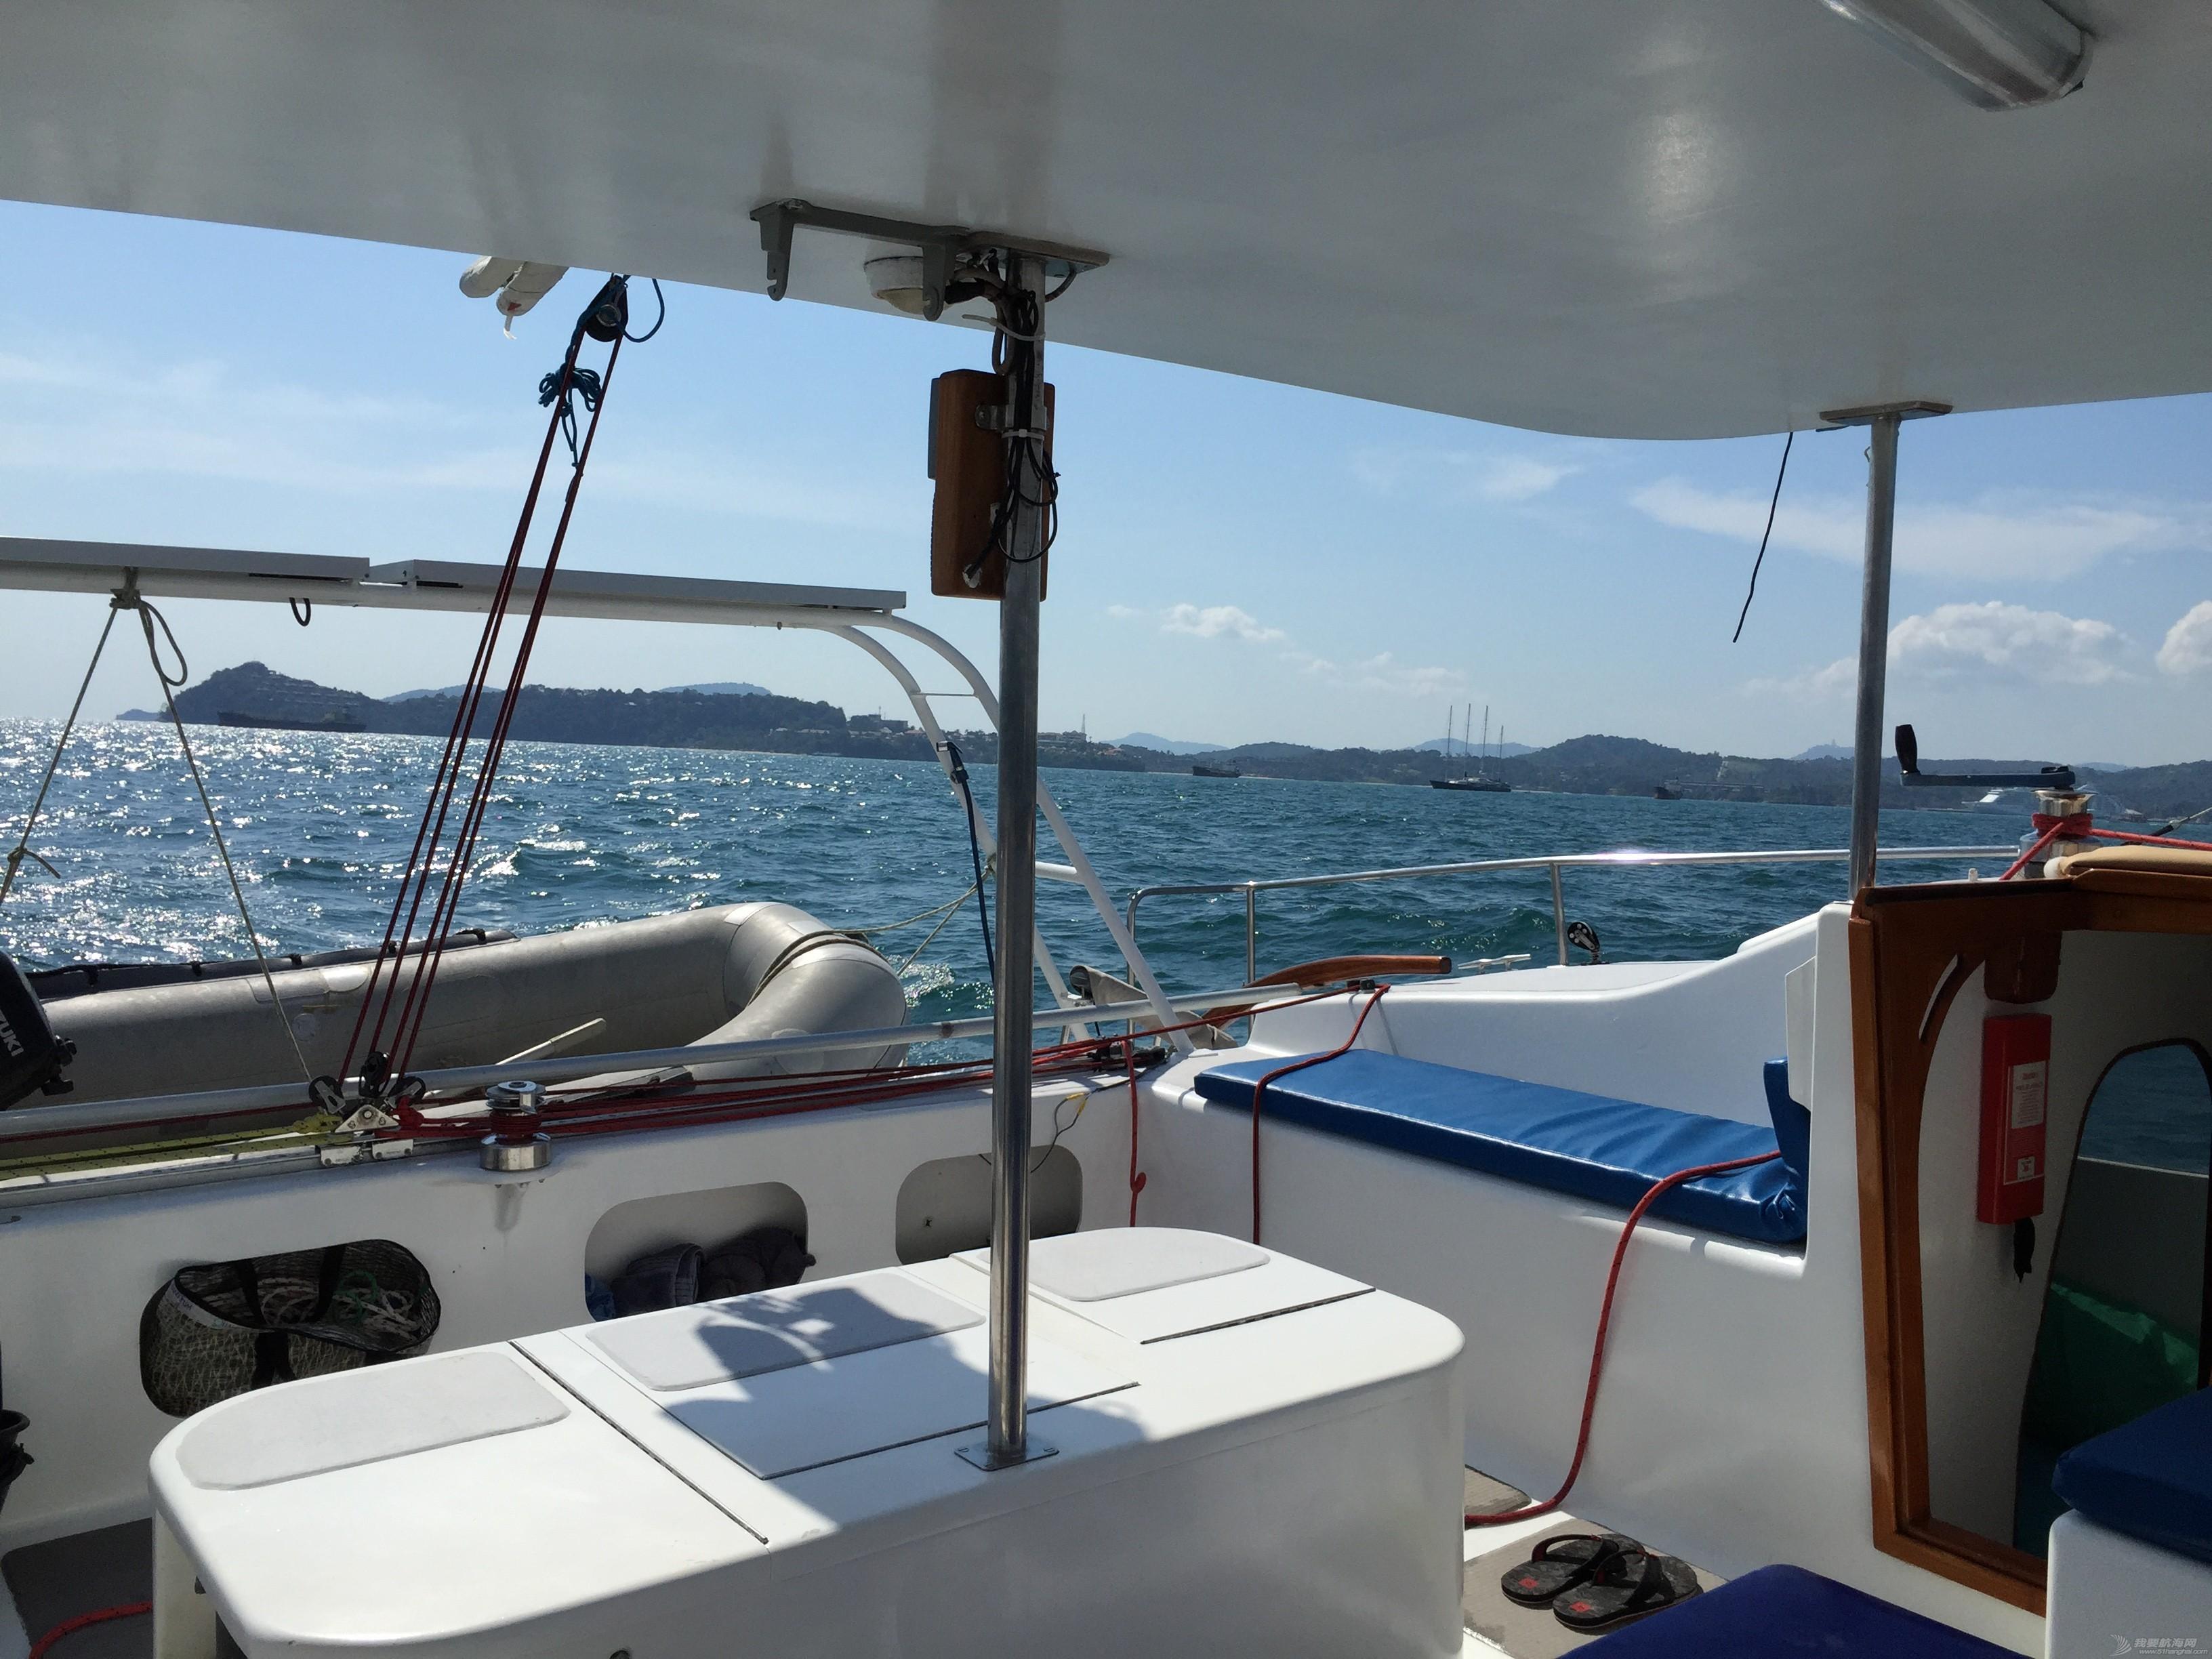 人民币,island,布吉岛,帆船,左右 一月布吉岛租帆船一周找船伴拼船 三人左右分担费用28000人民币,包船长